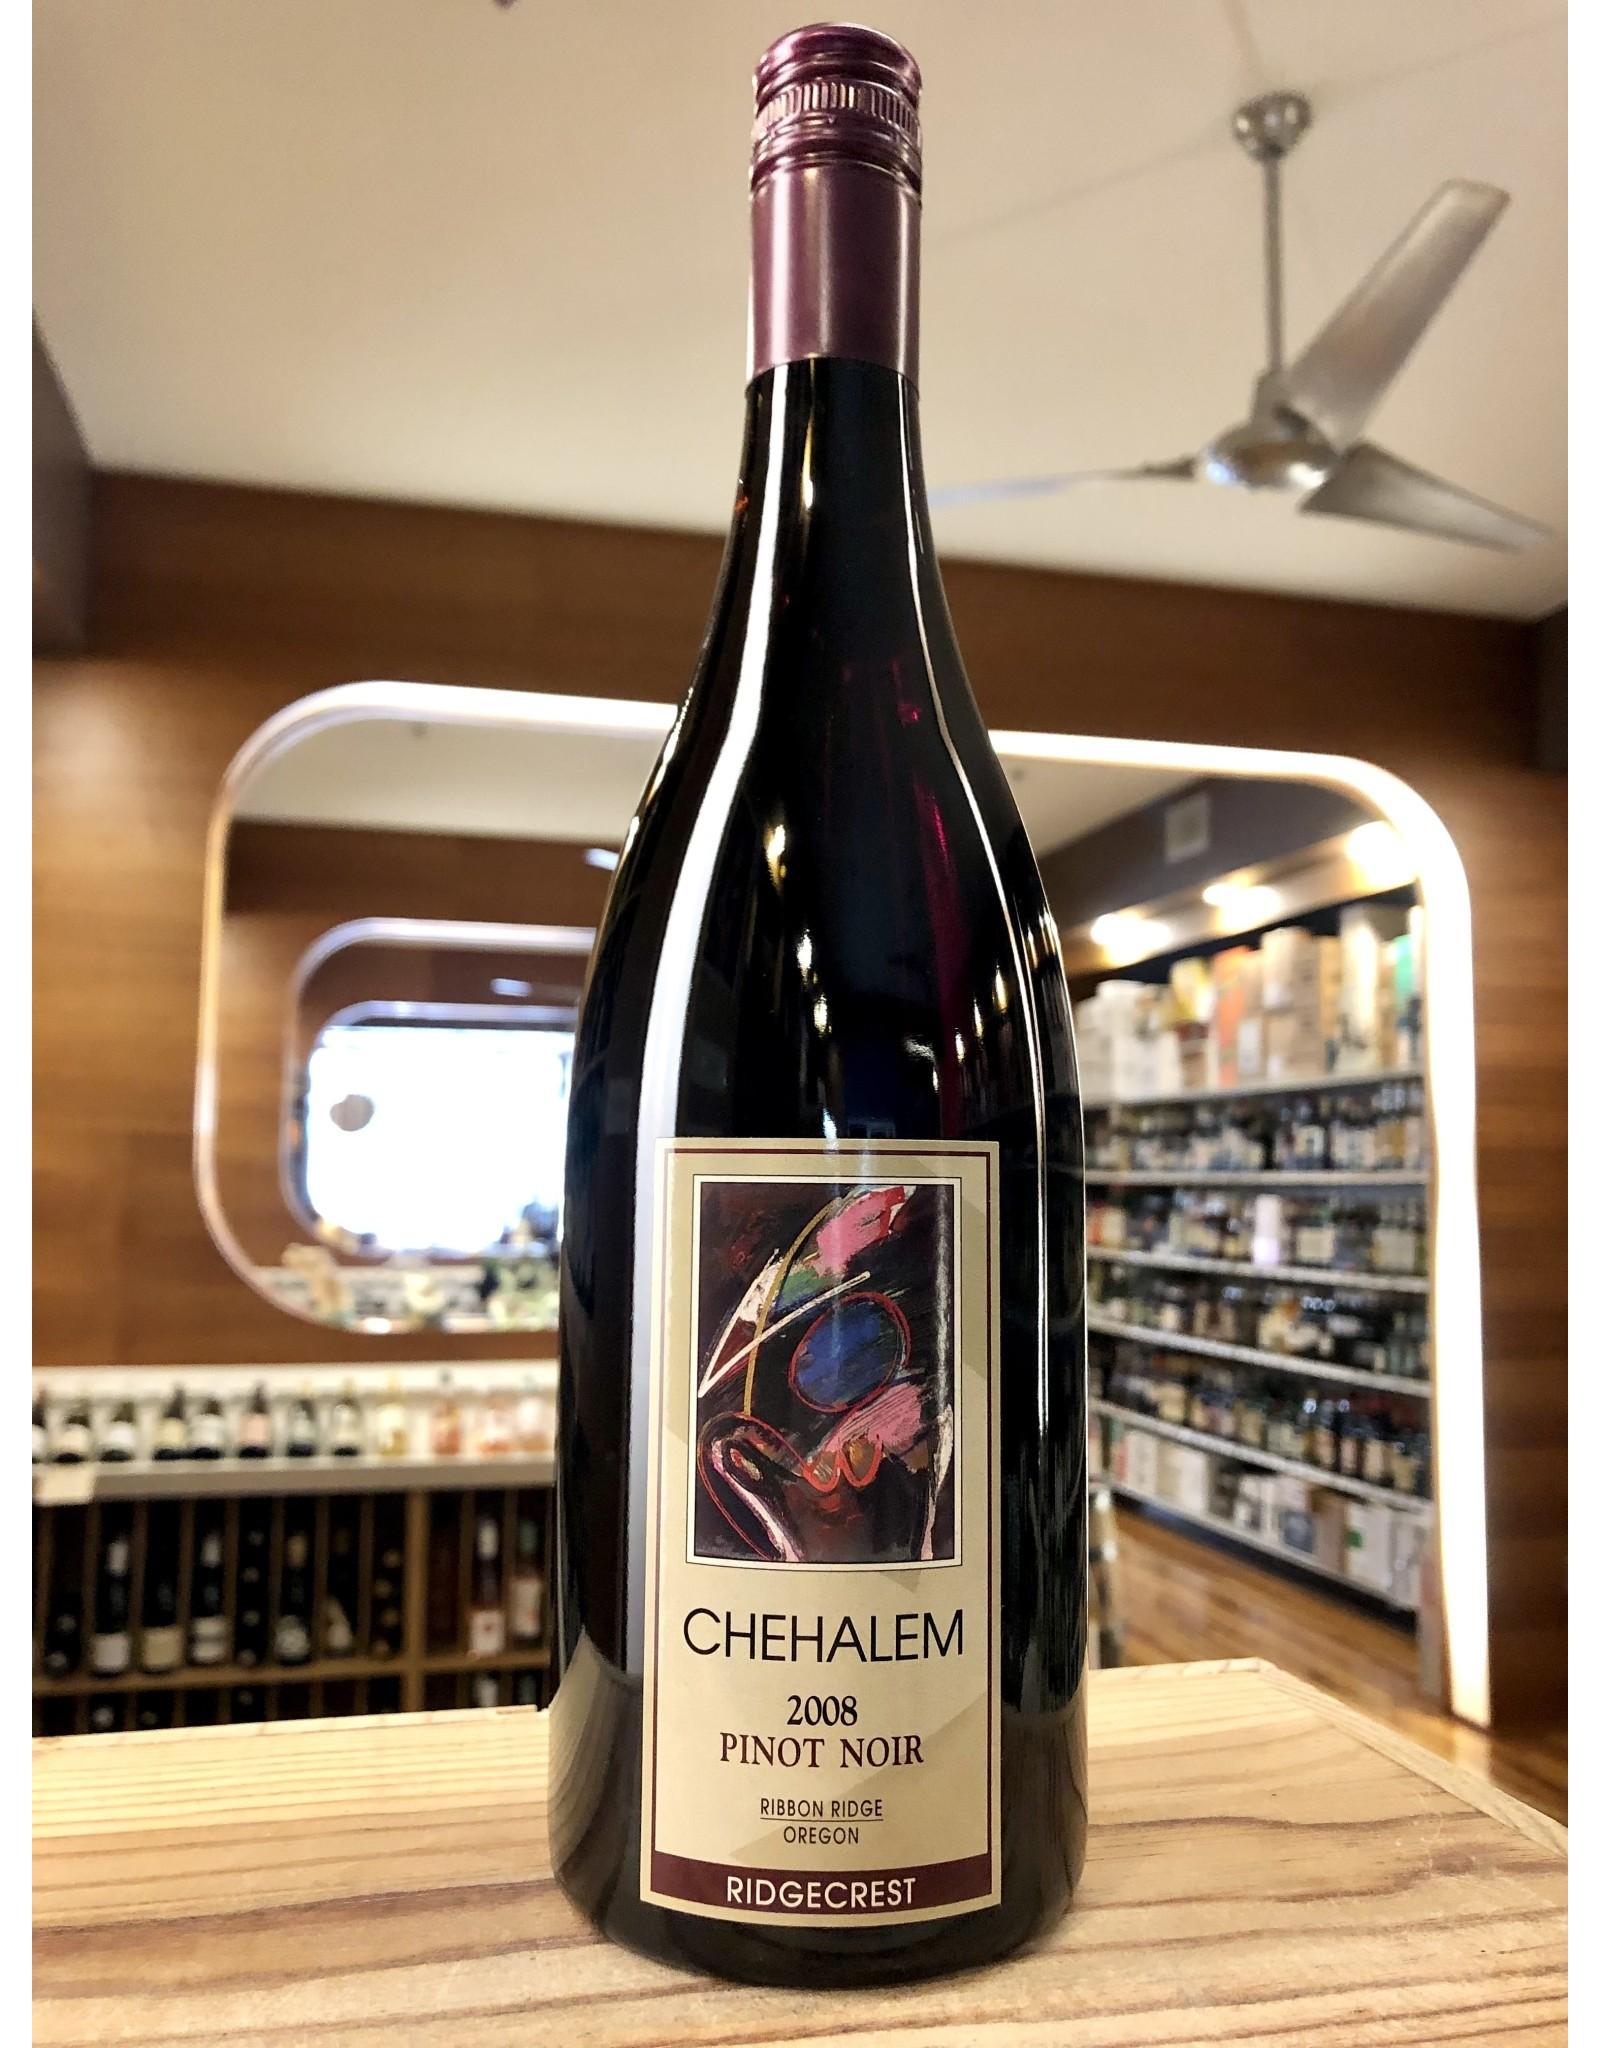 Chehalem Ridgecrest Pinot Noir 2008 - 750 ML